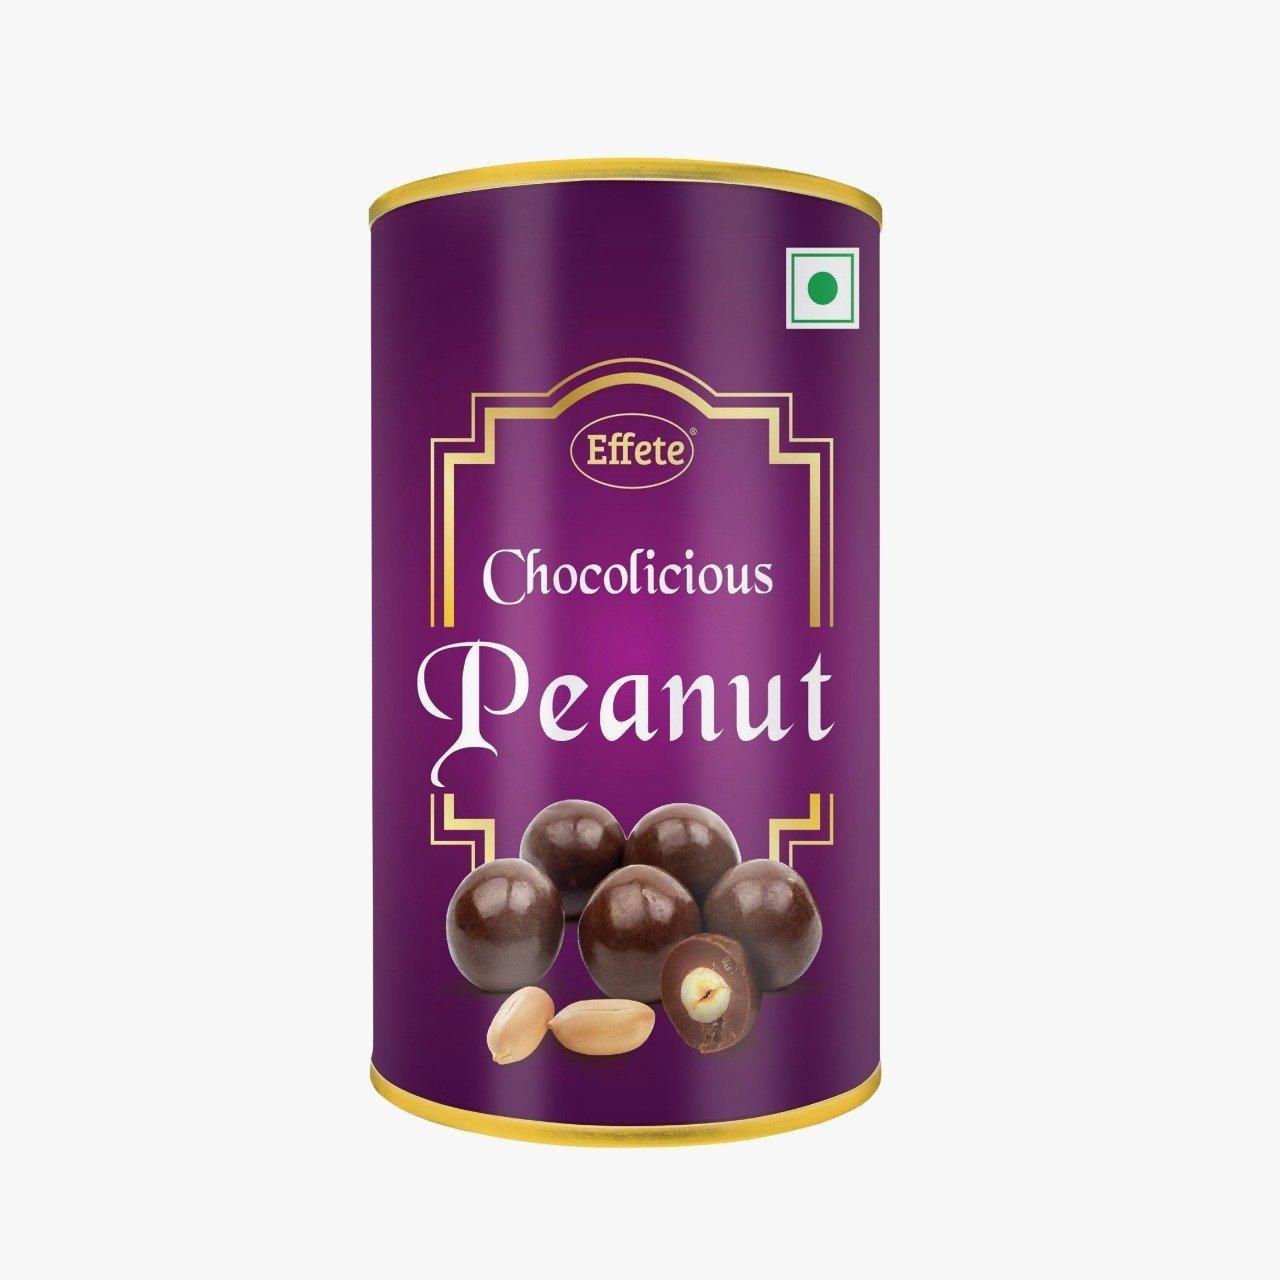 Effete Peanut Chocolate (96 GMs) - Unnati Enterprises